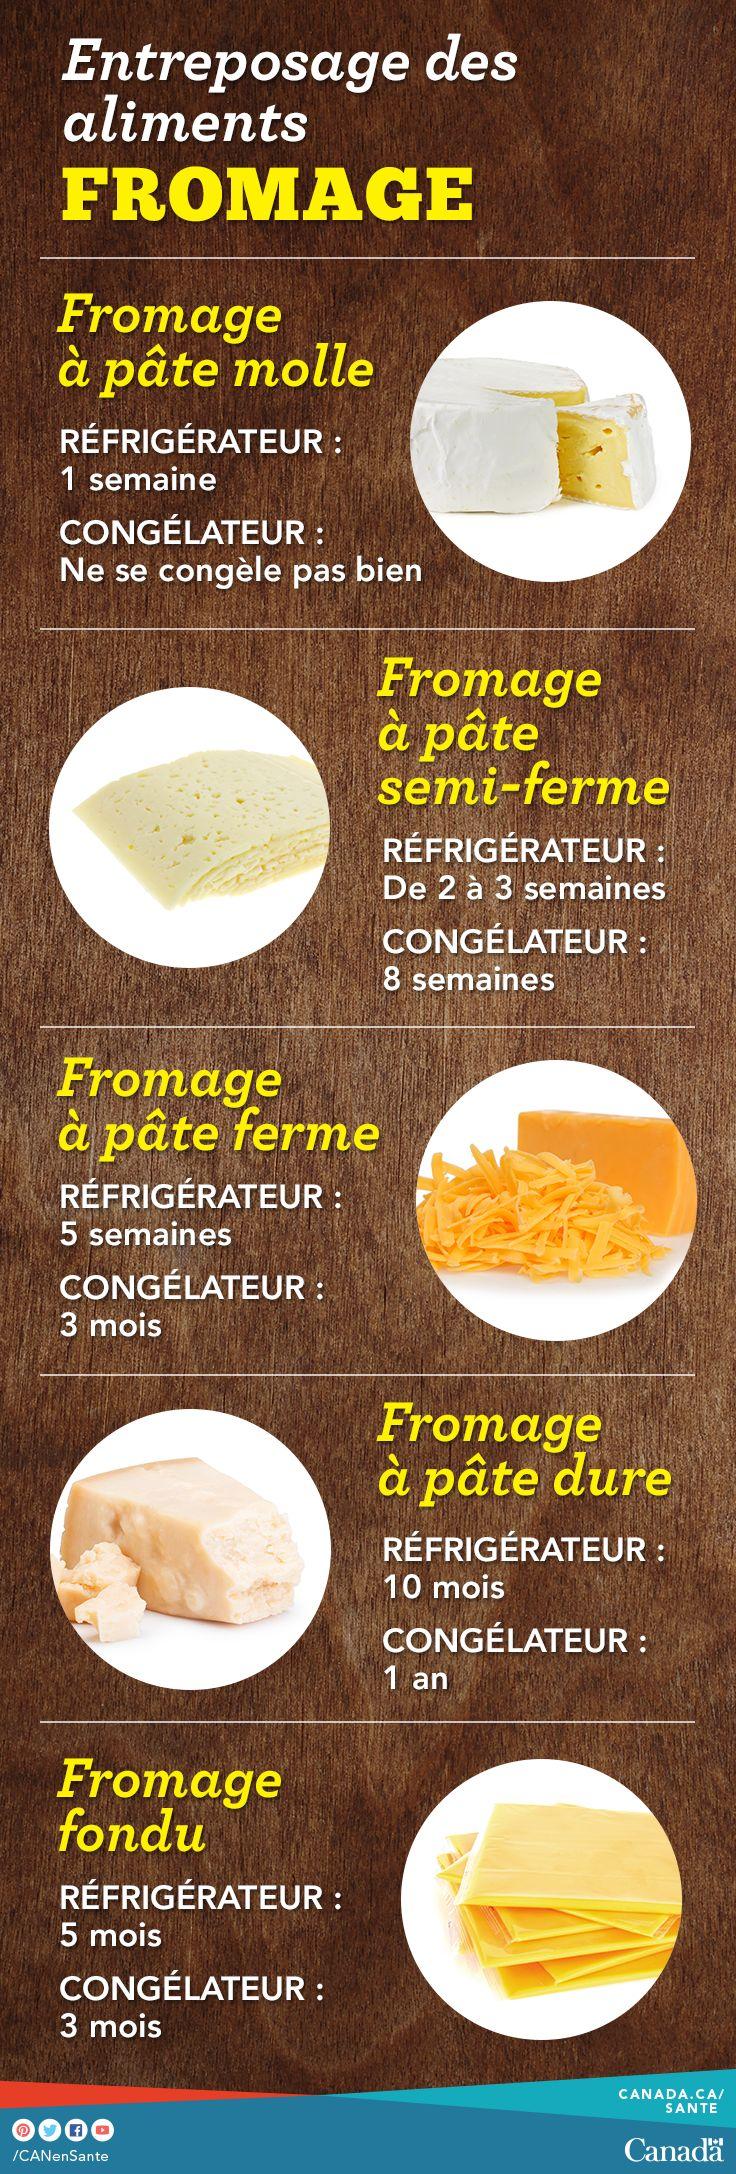 Obtenez des conseils sur l'entreposage sécuritaire du fromage et d'autres produits laitiers, de la viande, des œufs, des légumes et des restes de table : http://canadiensensante.gc.ca/eating-nutrition/healthy-eating-saine-alimentation/safety-salubrite/tips-conseils/storage-entreposage-fra.php#a5